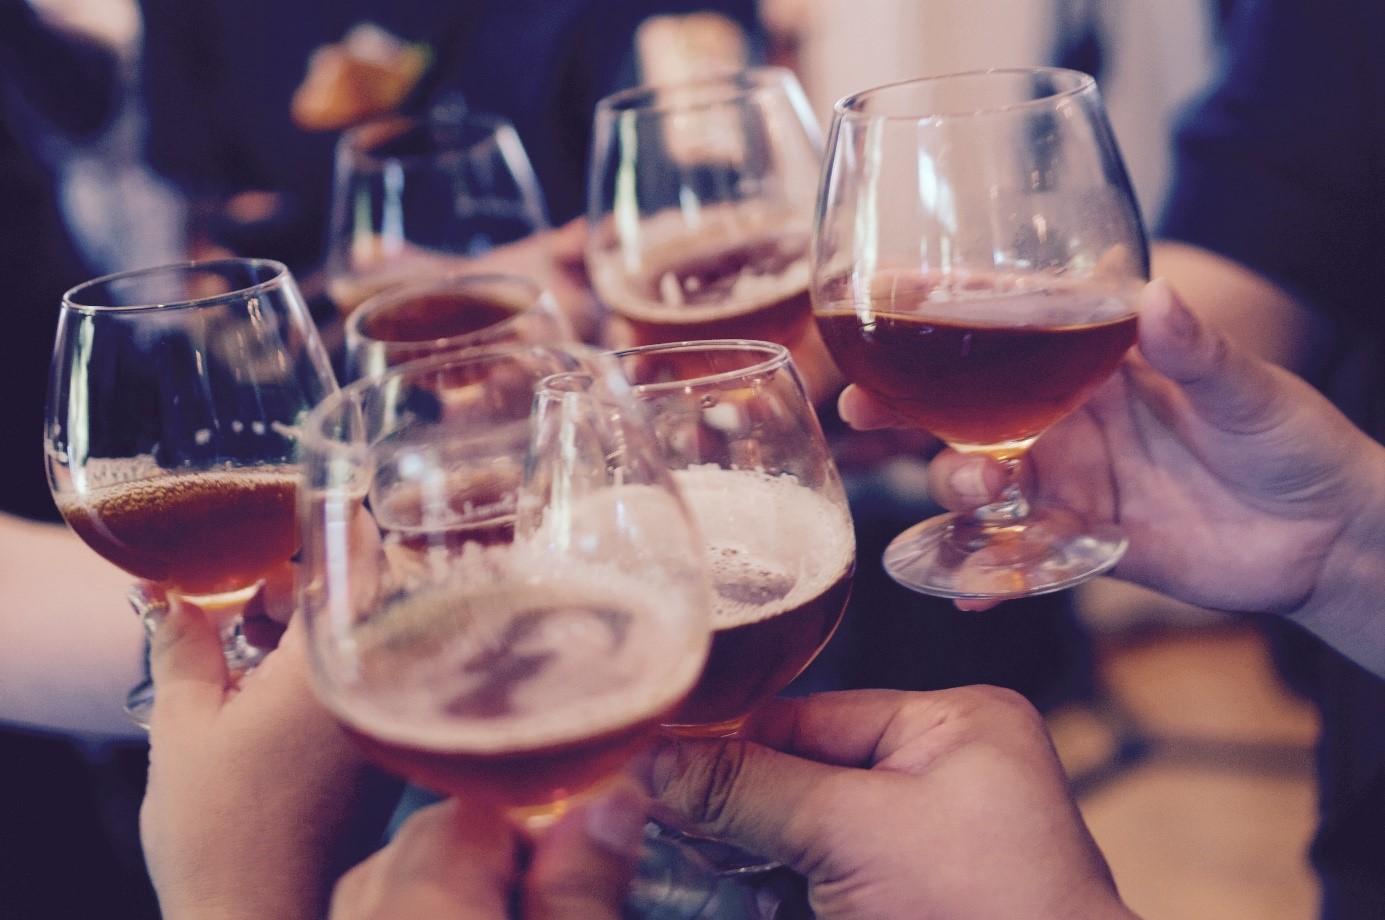 Ritkább füst, jobb italok, kevesebb zsír – már a káros szenvedélyeink sem a régiek